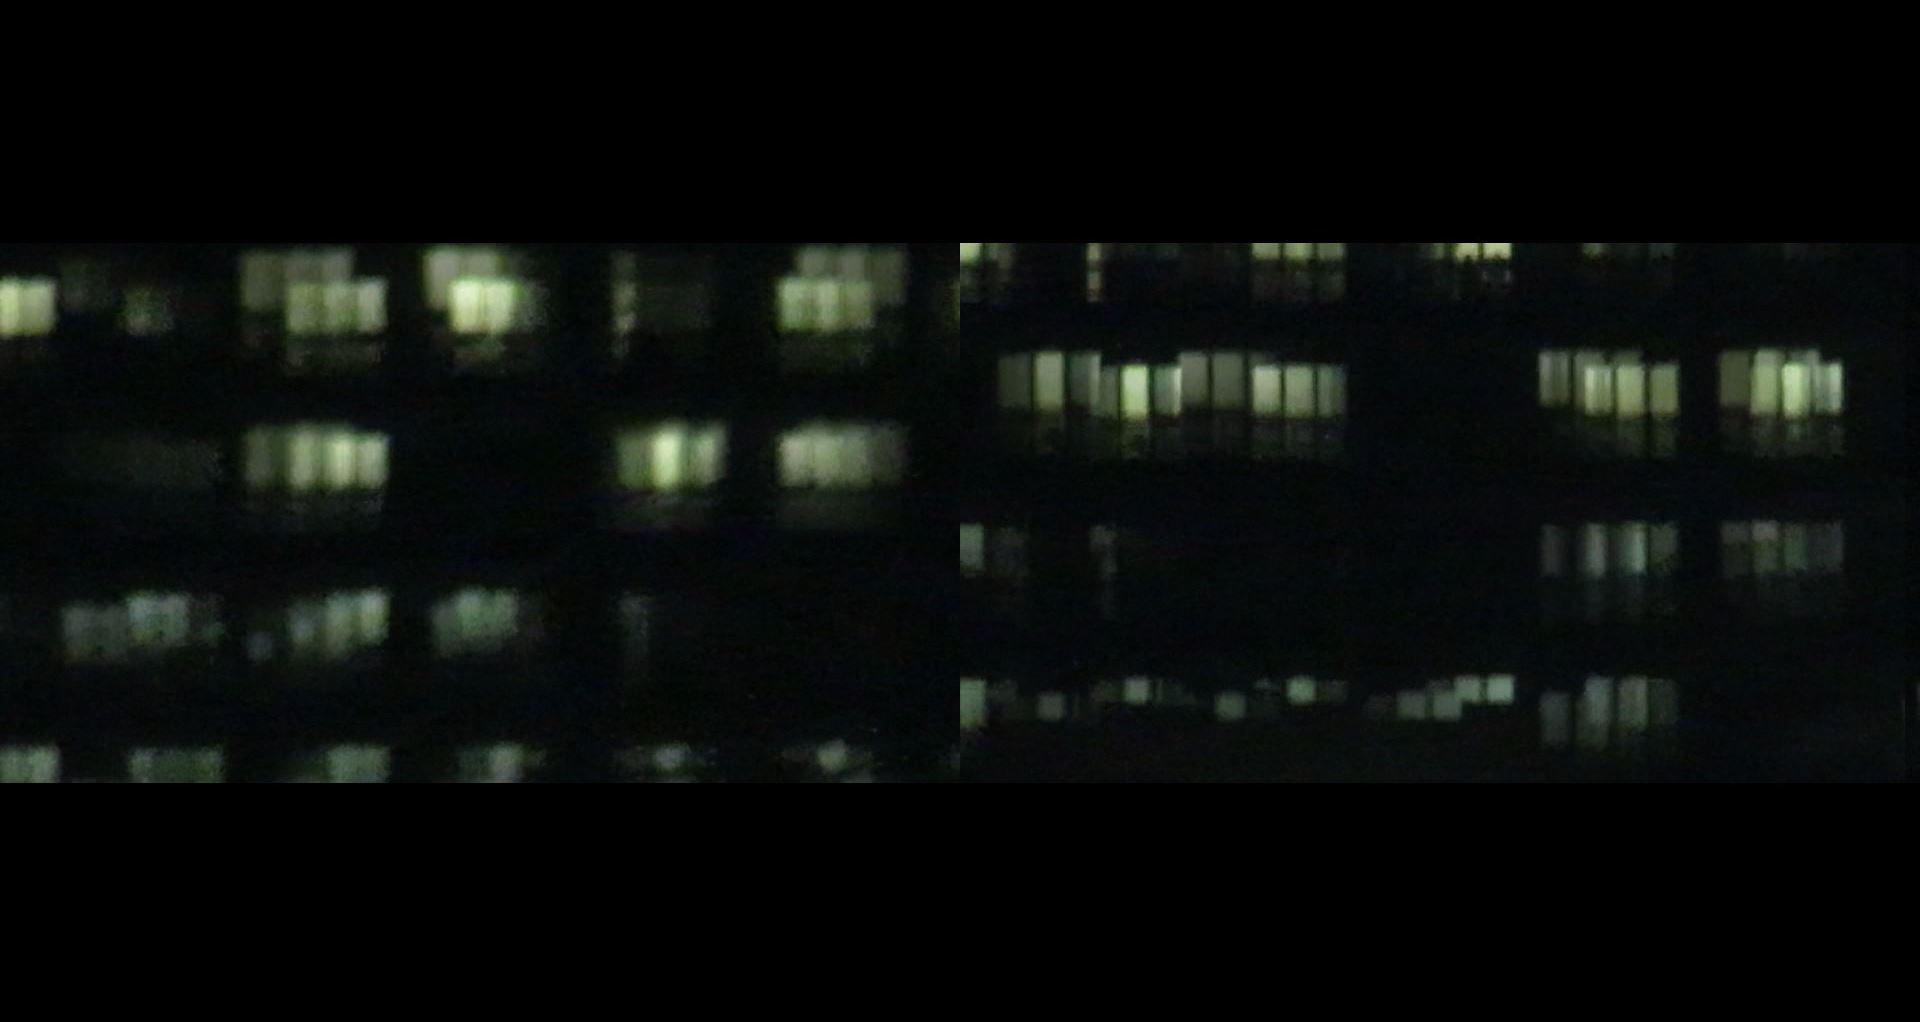 Celina Moscuzza, Homo condomini lupus I, videoinstallazione, sonoro, dimensioni variabili, 2020